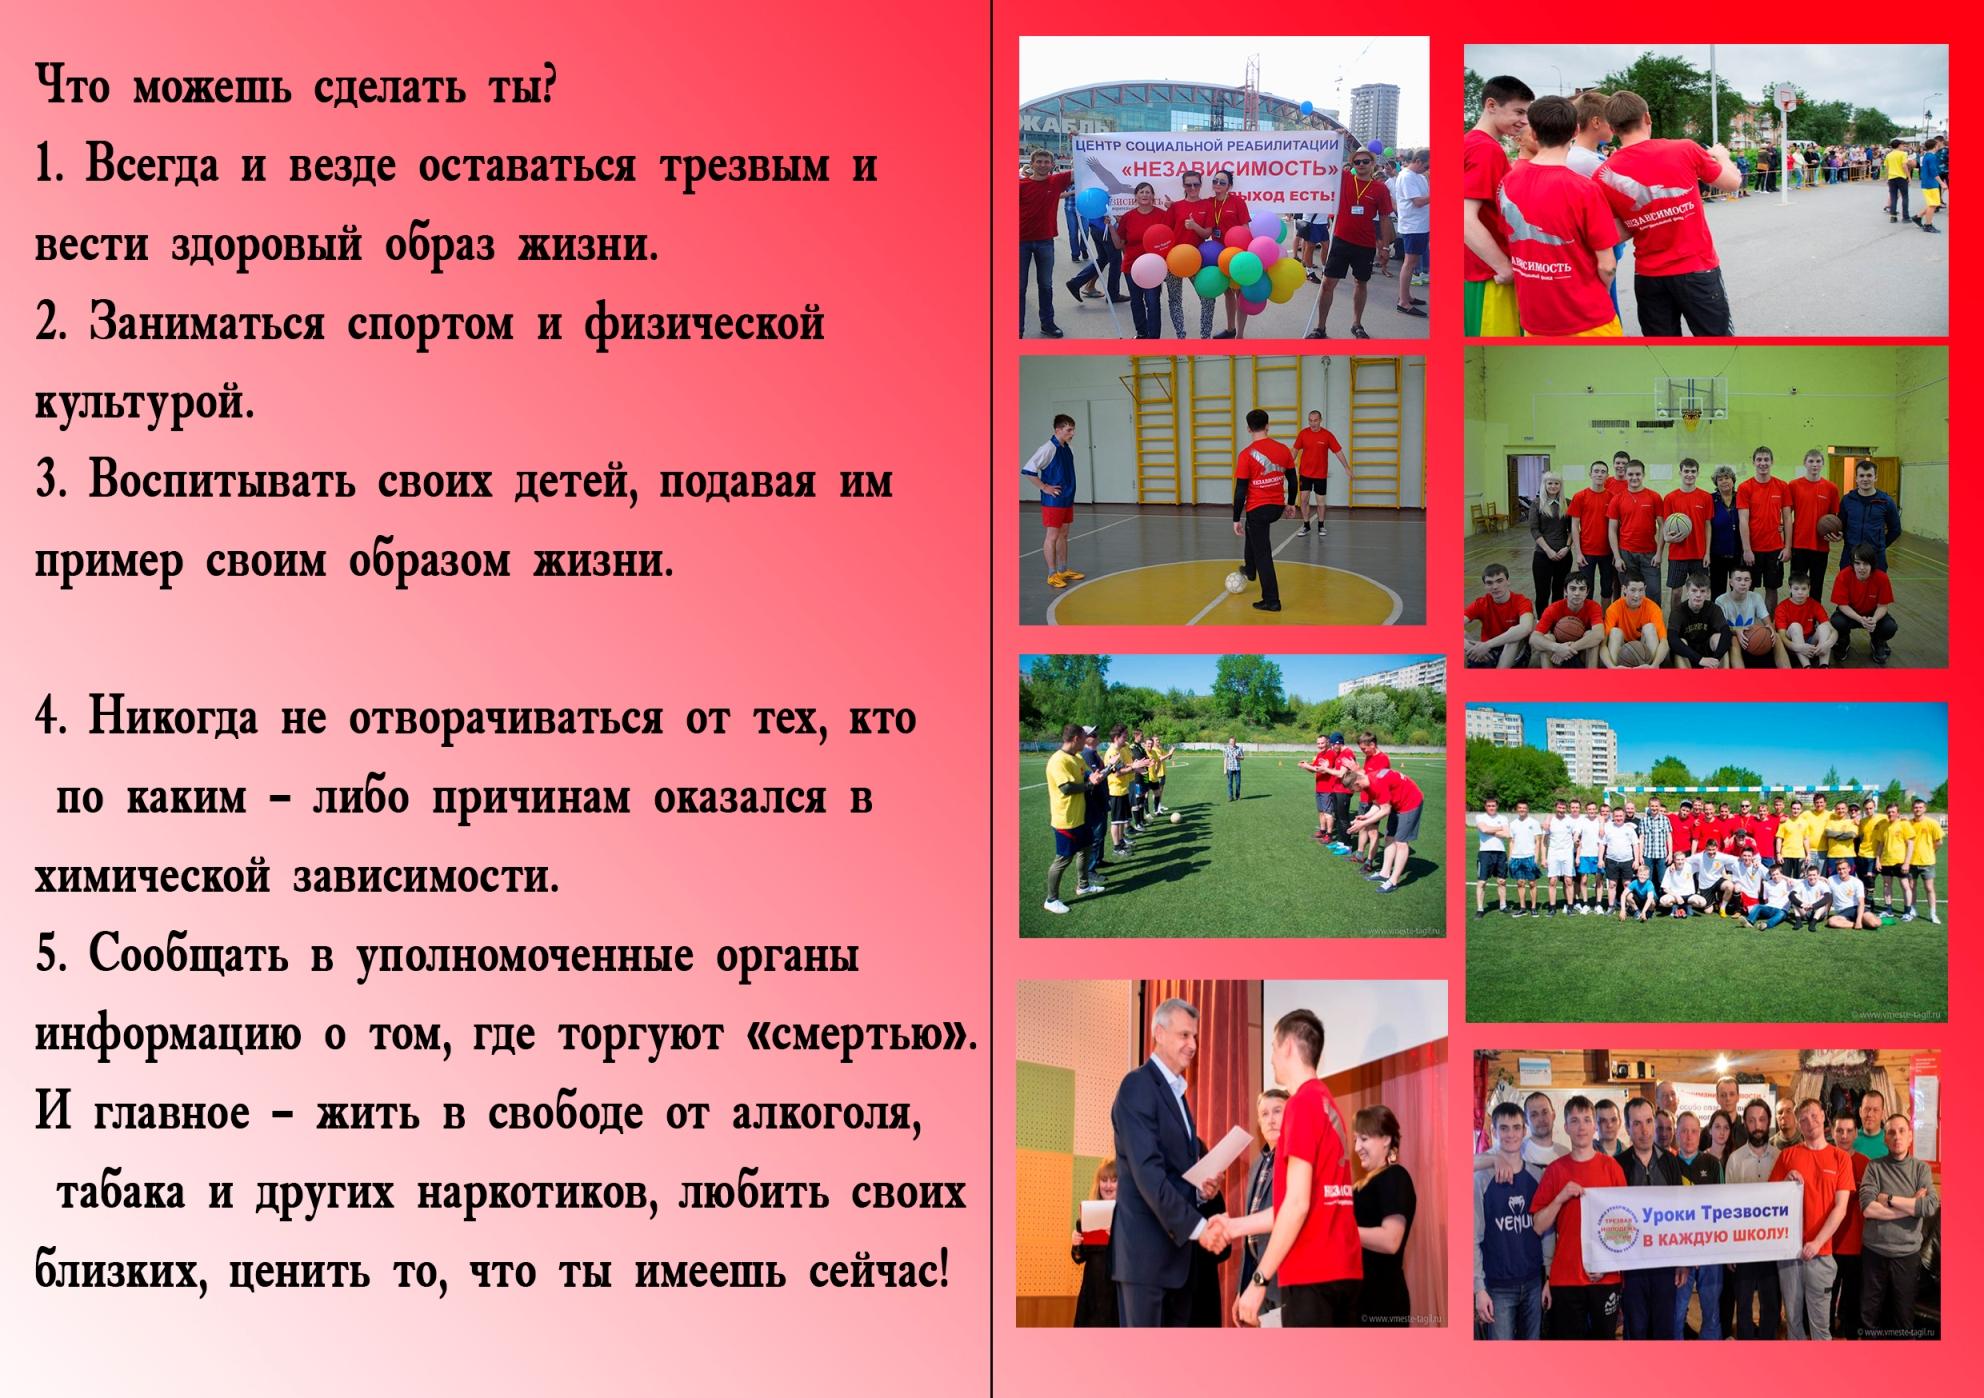 Chto_mozhesh_sdelat_ty_2